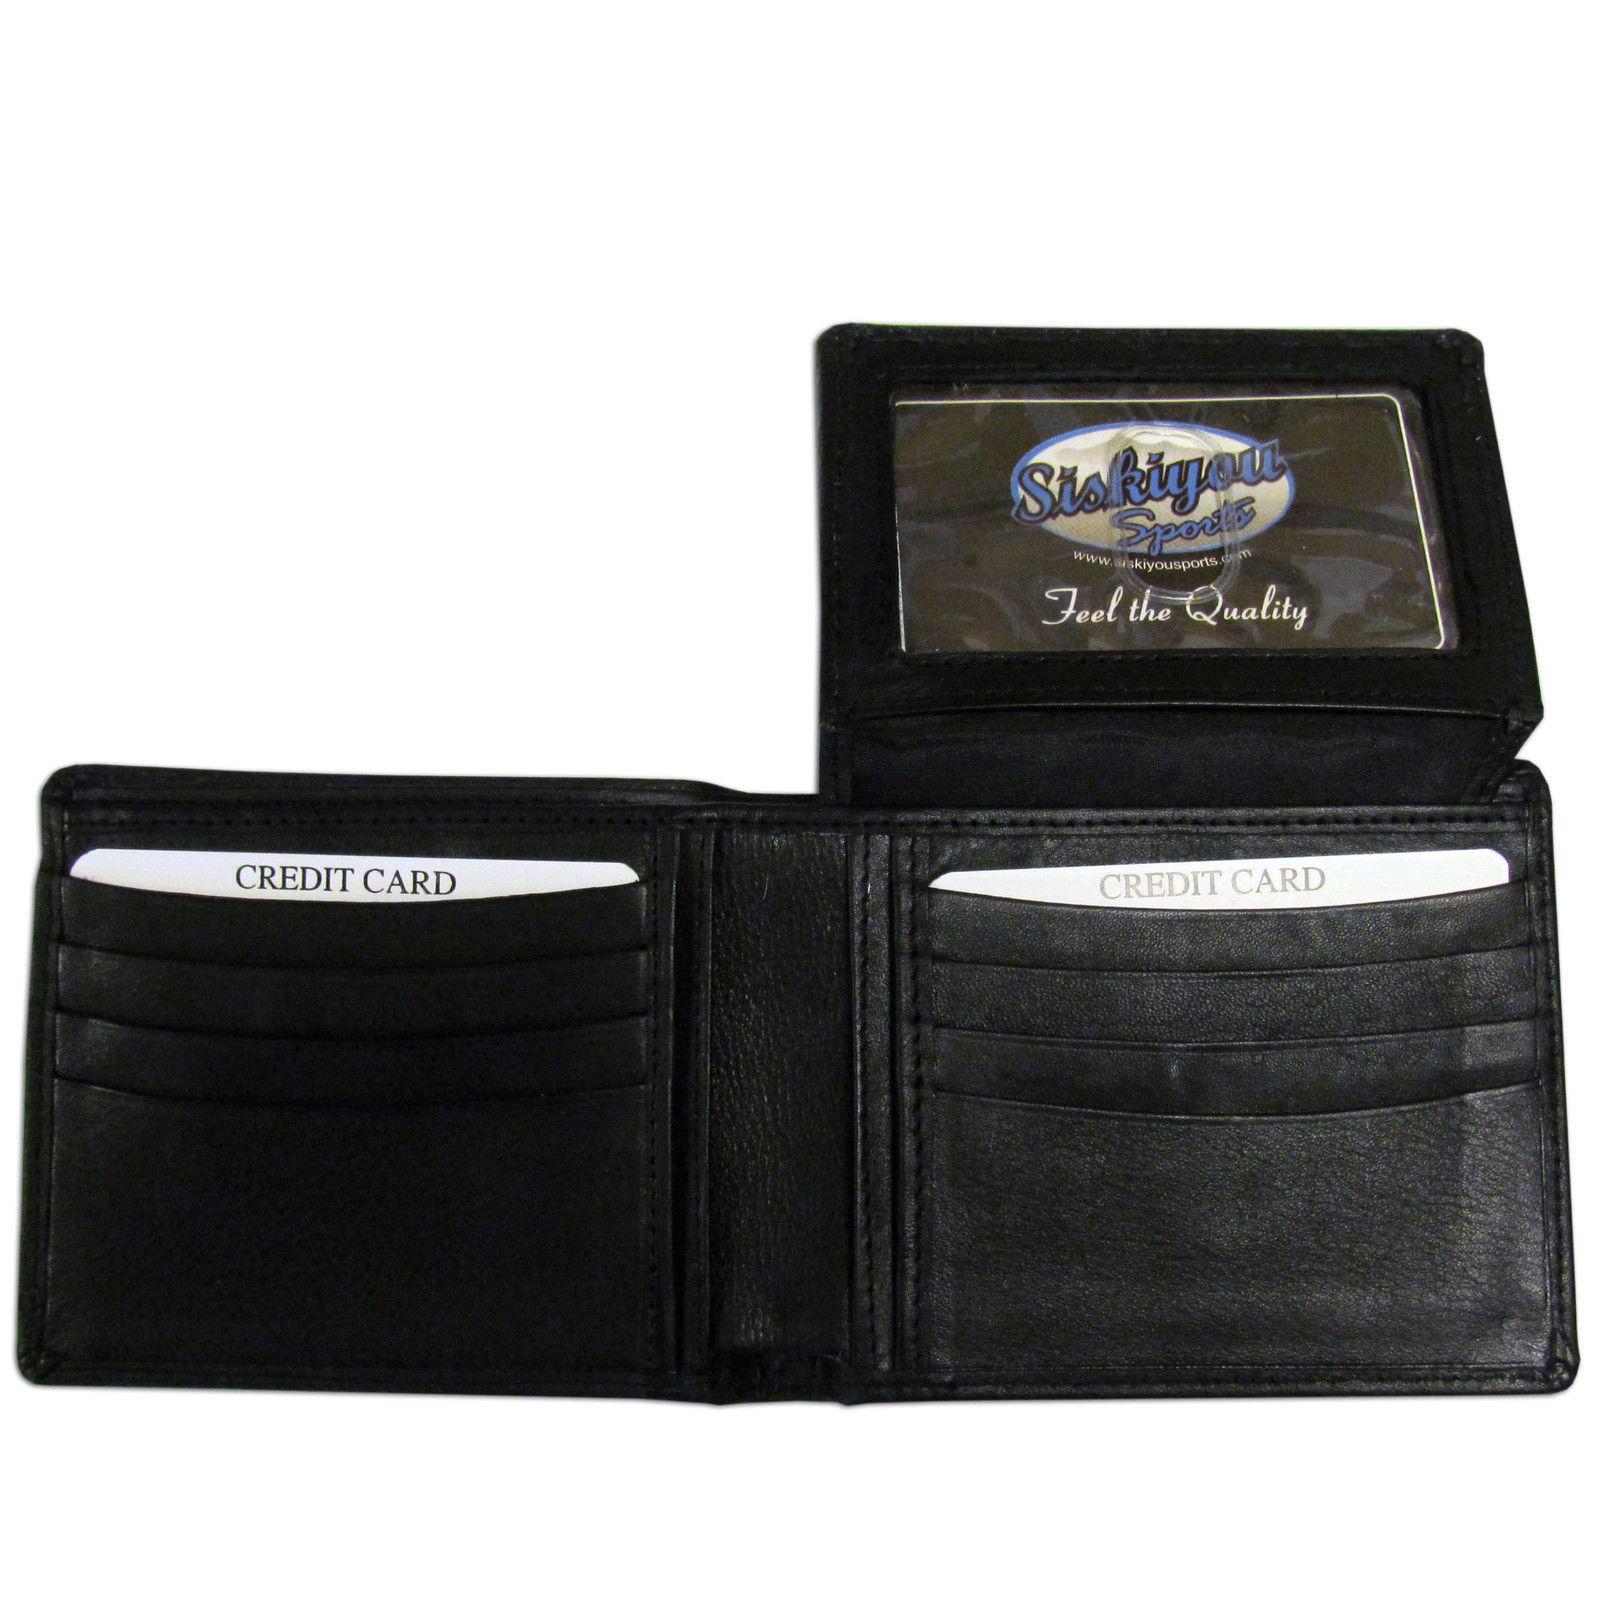 Nfl Bifold Wallet In A Window Box - Seattle Seahawks